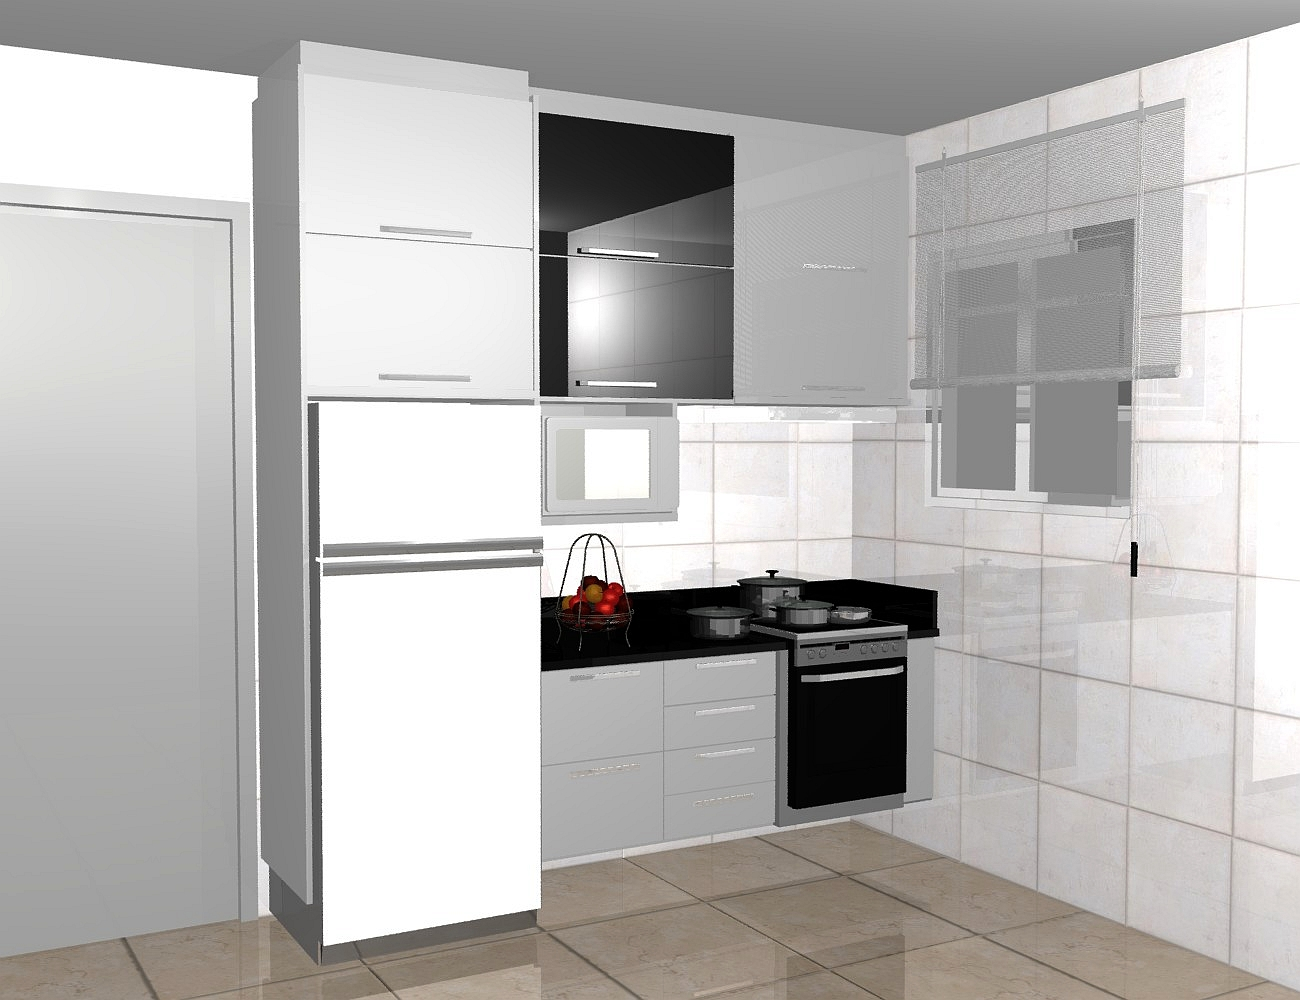 #AE241D  cozinhas planejadas simples bonita pequenas de luxo projeto branca 1300x1000 px Projetos Cozinhas Planejadas Pequenas #105 imagens